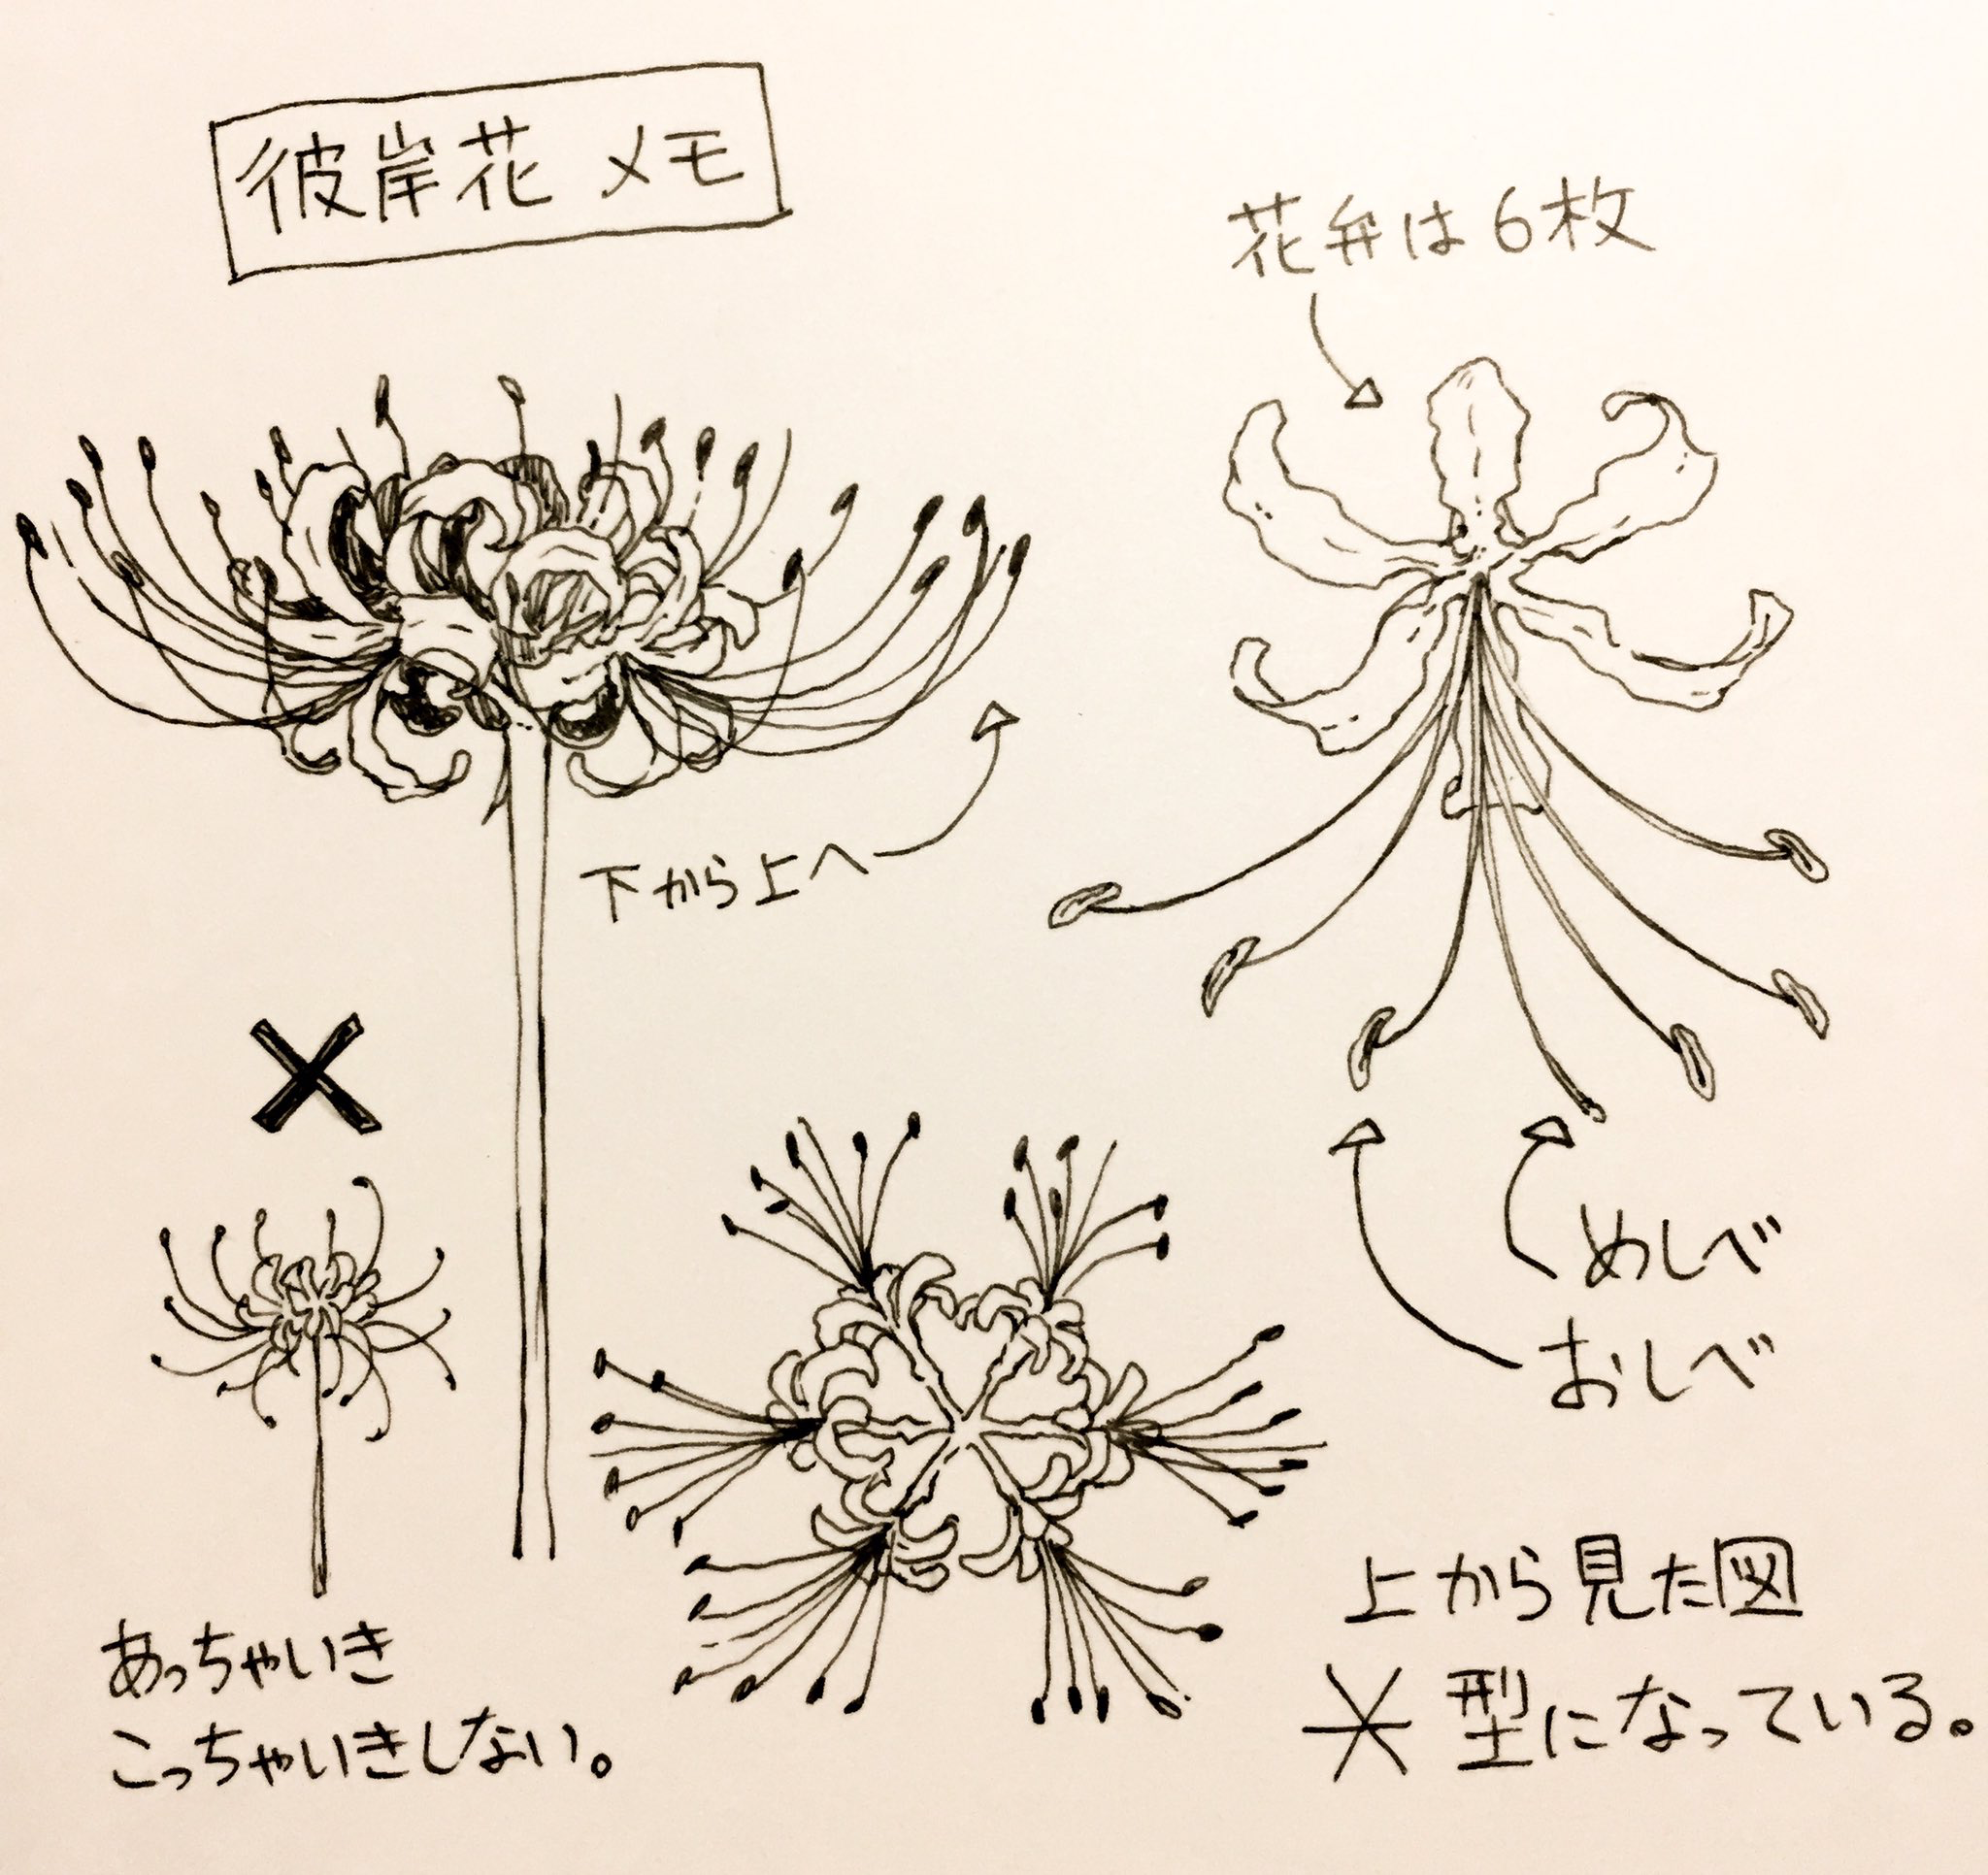 彼岸花 曼珠沙華 Lycoris Radiata 花のスケッチ 彼岸花 イラスト 花の描画チュートリアル